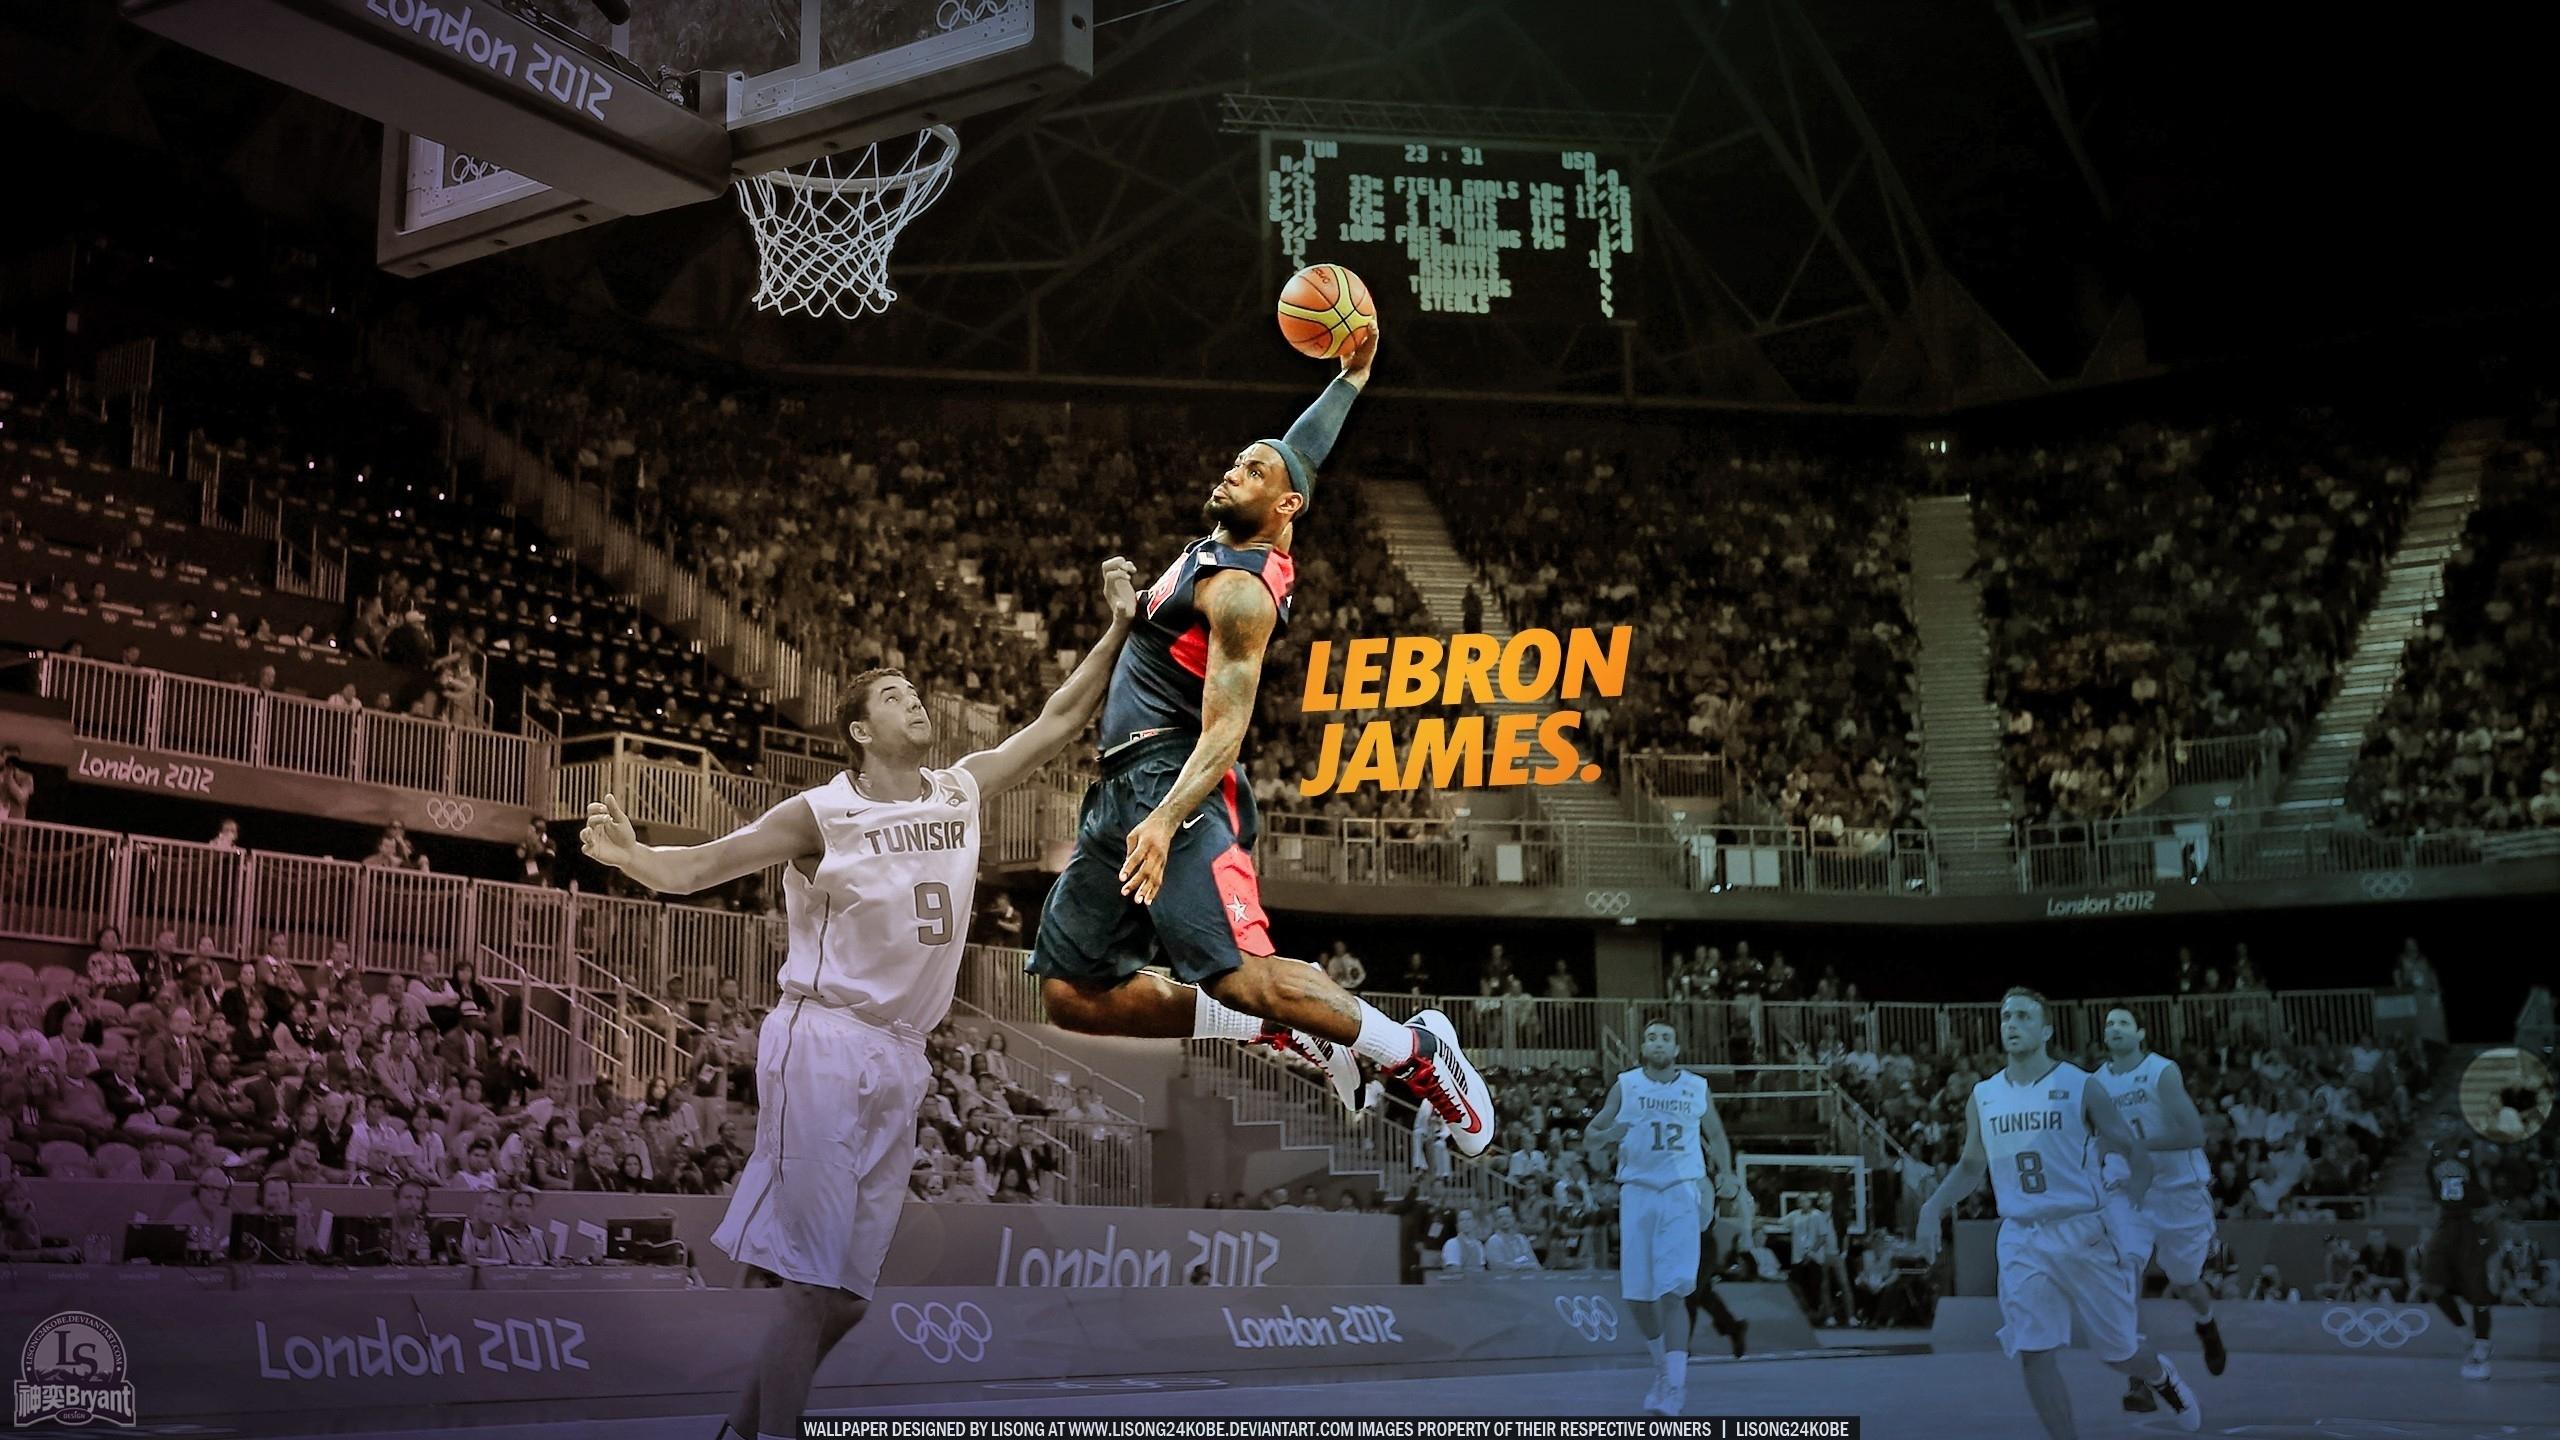 nba lebron james dunk joueur de basket papier peint | allwallpaper